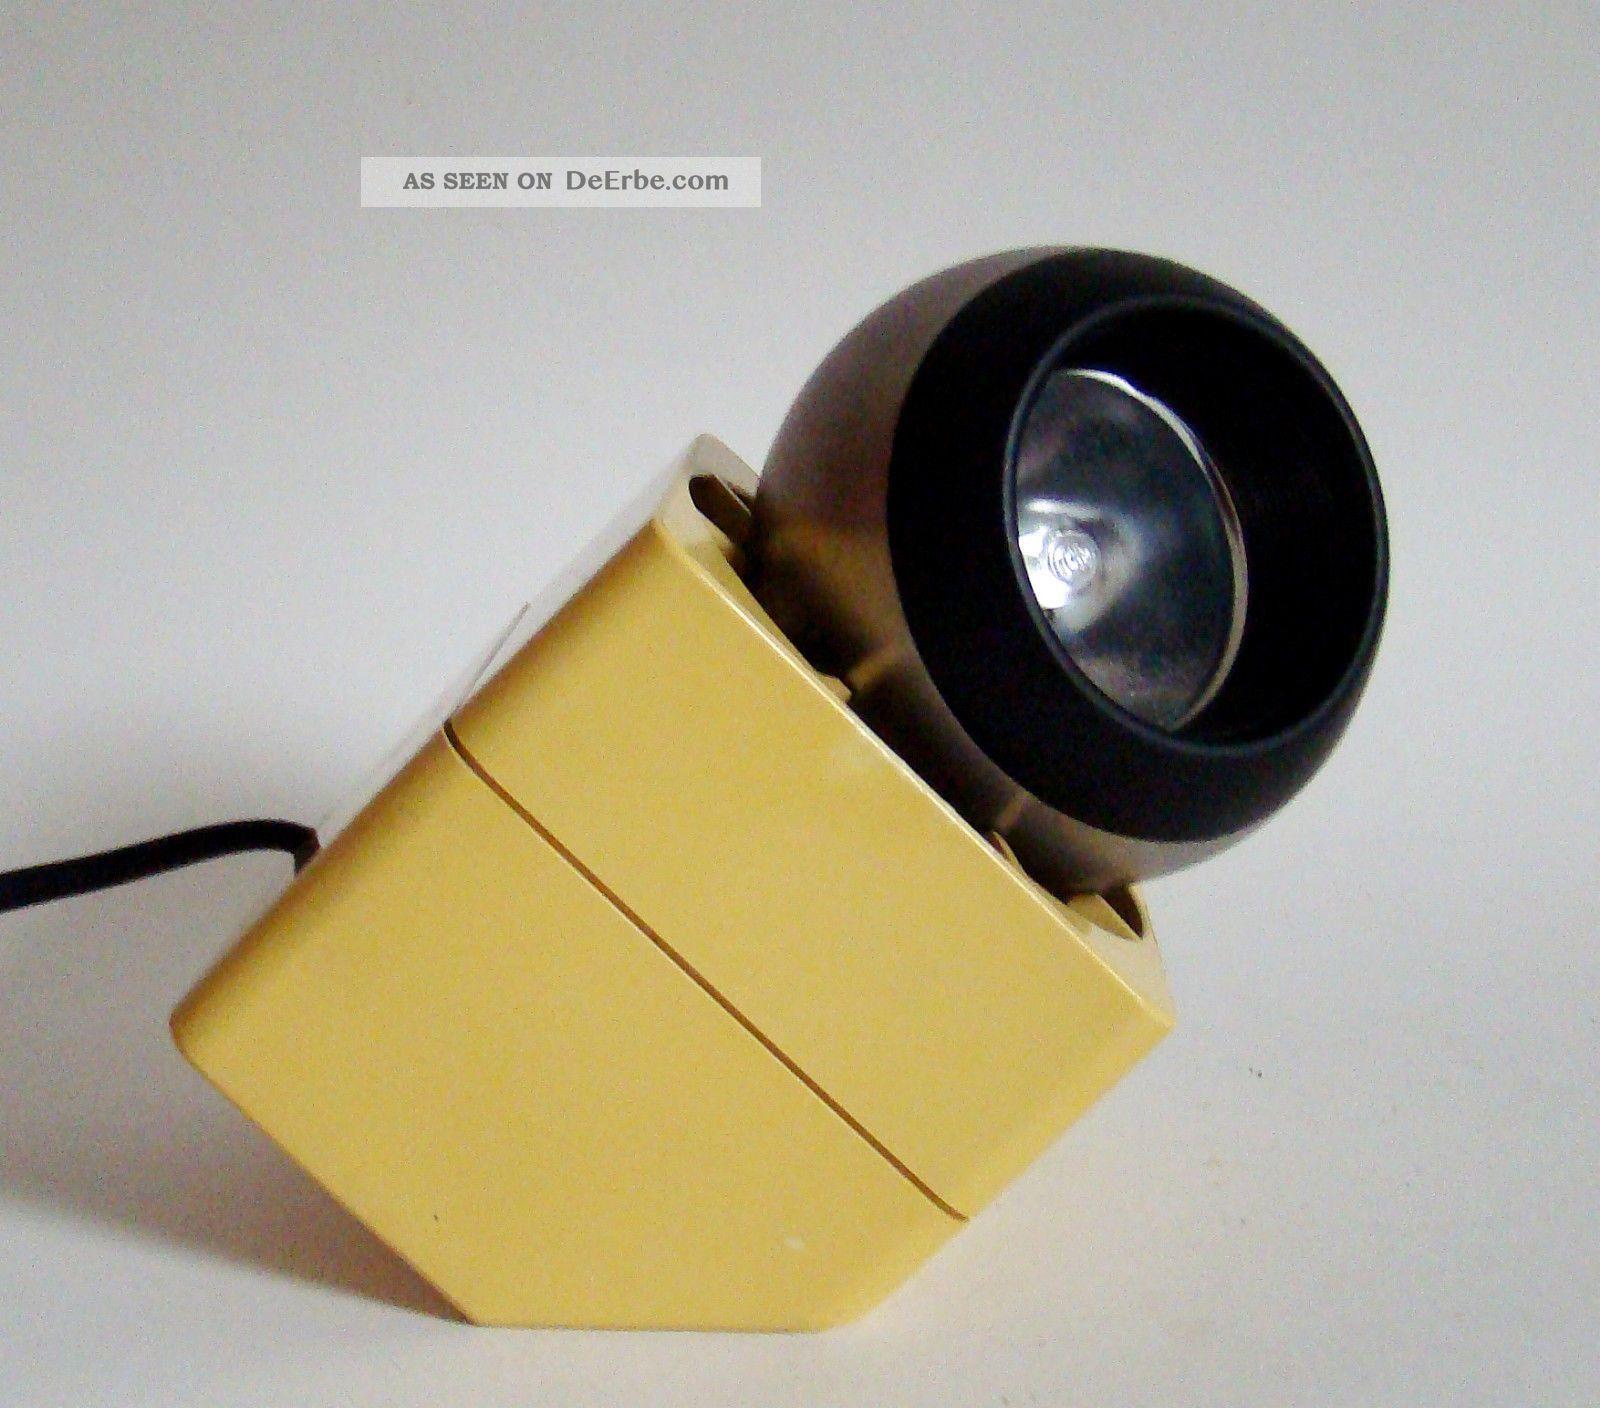 osram mini spot leuchte lampe beige designklassiker. Black Bedroom Furniture Sets. Home Design Ideas